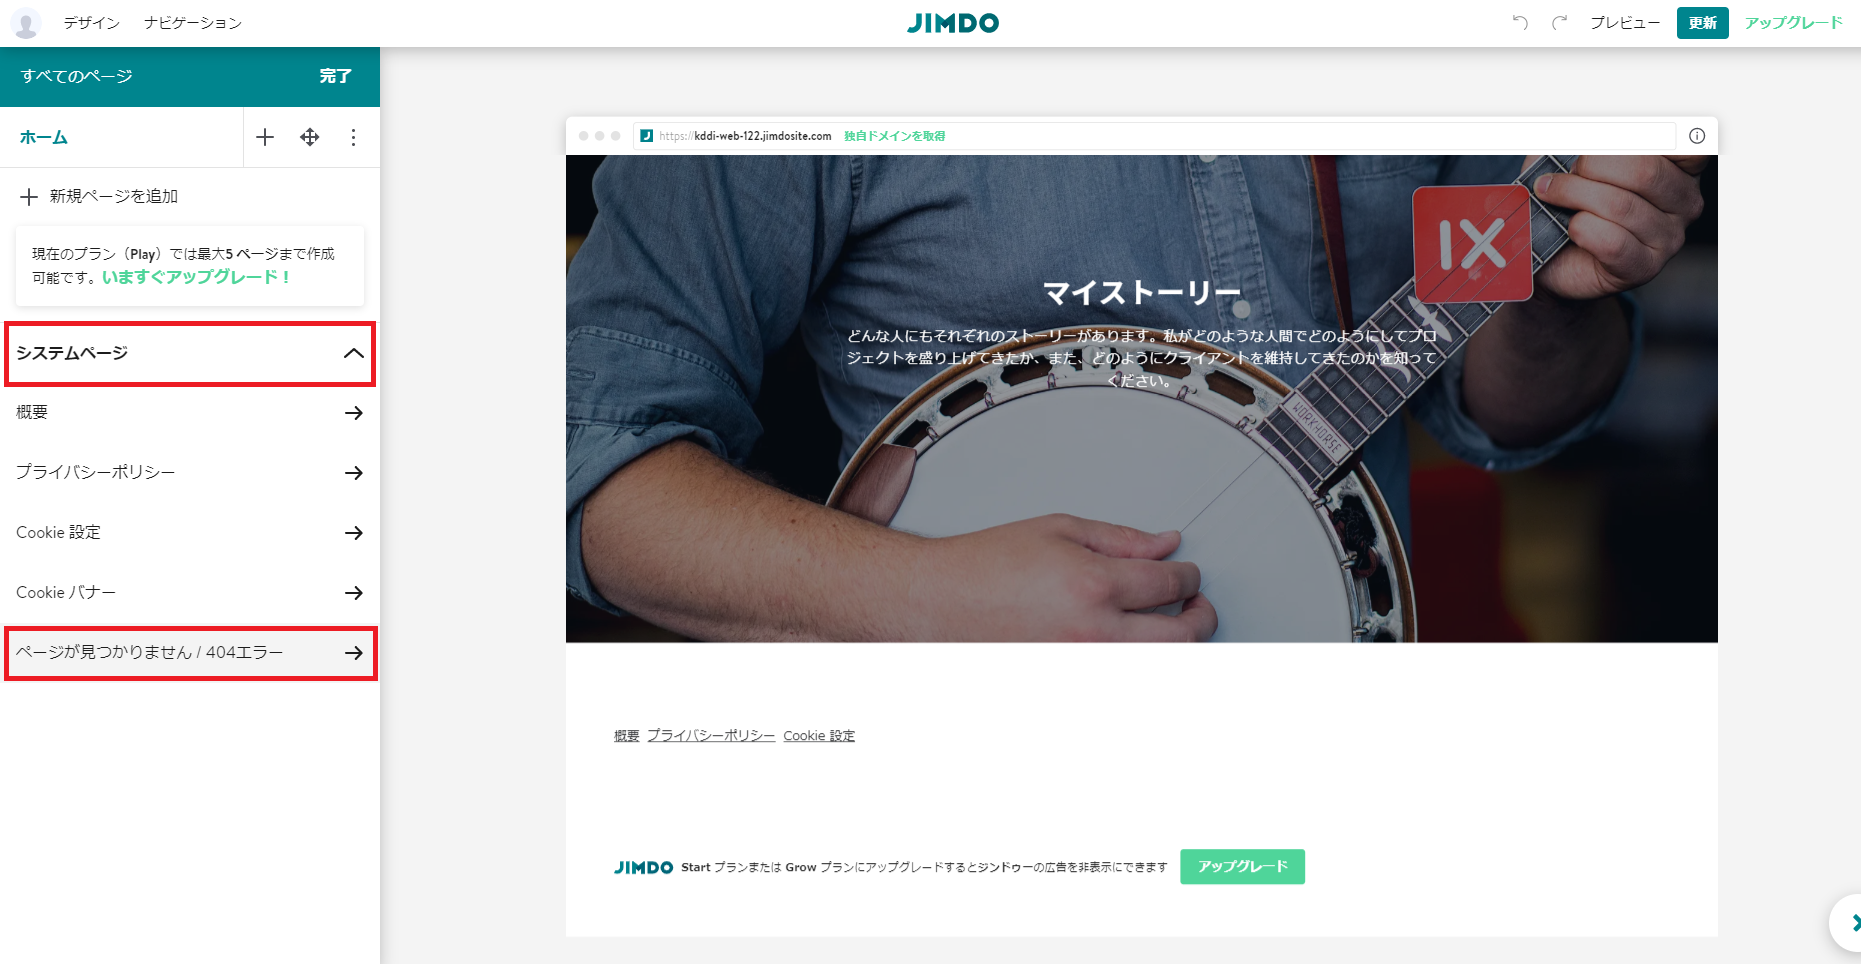 2.システムページをクリック、ページが見つかりません/404エラーを選ぶ